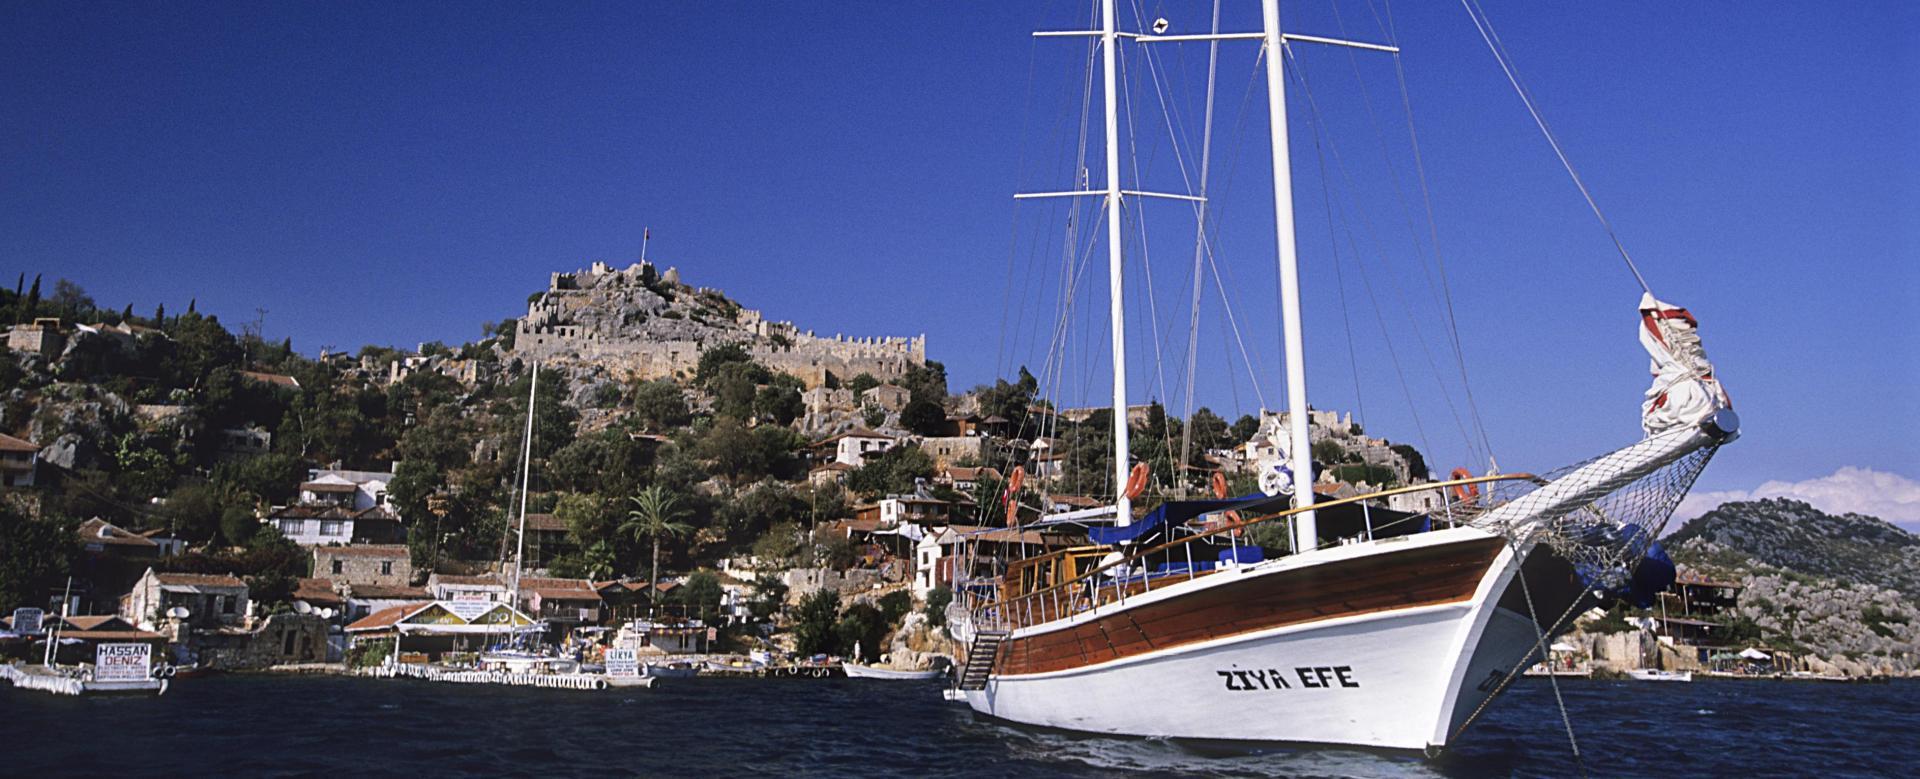 Voyage à pied Turquie : L'odyssée des petits sultans